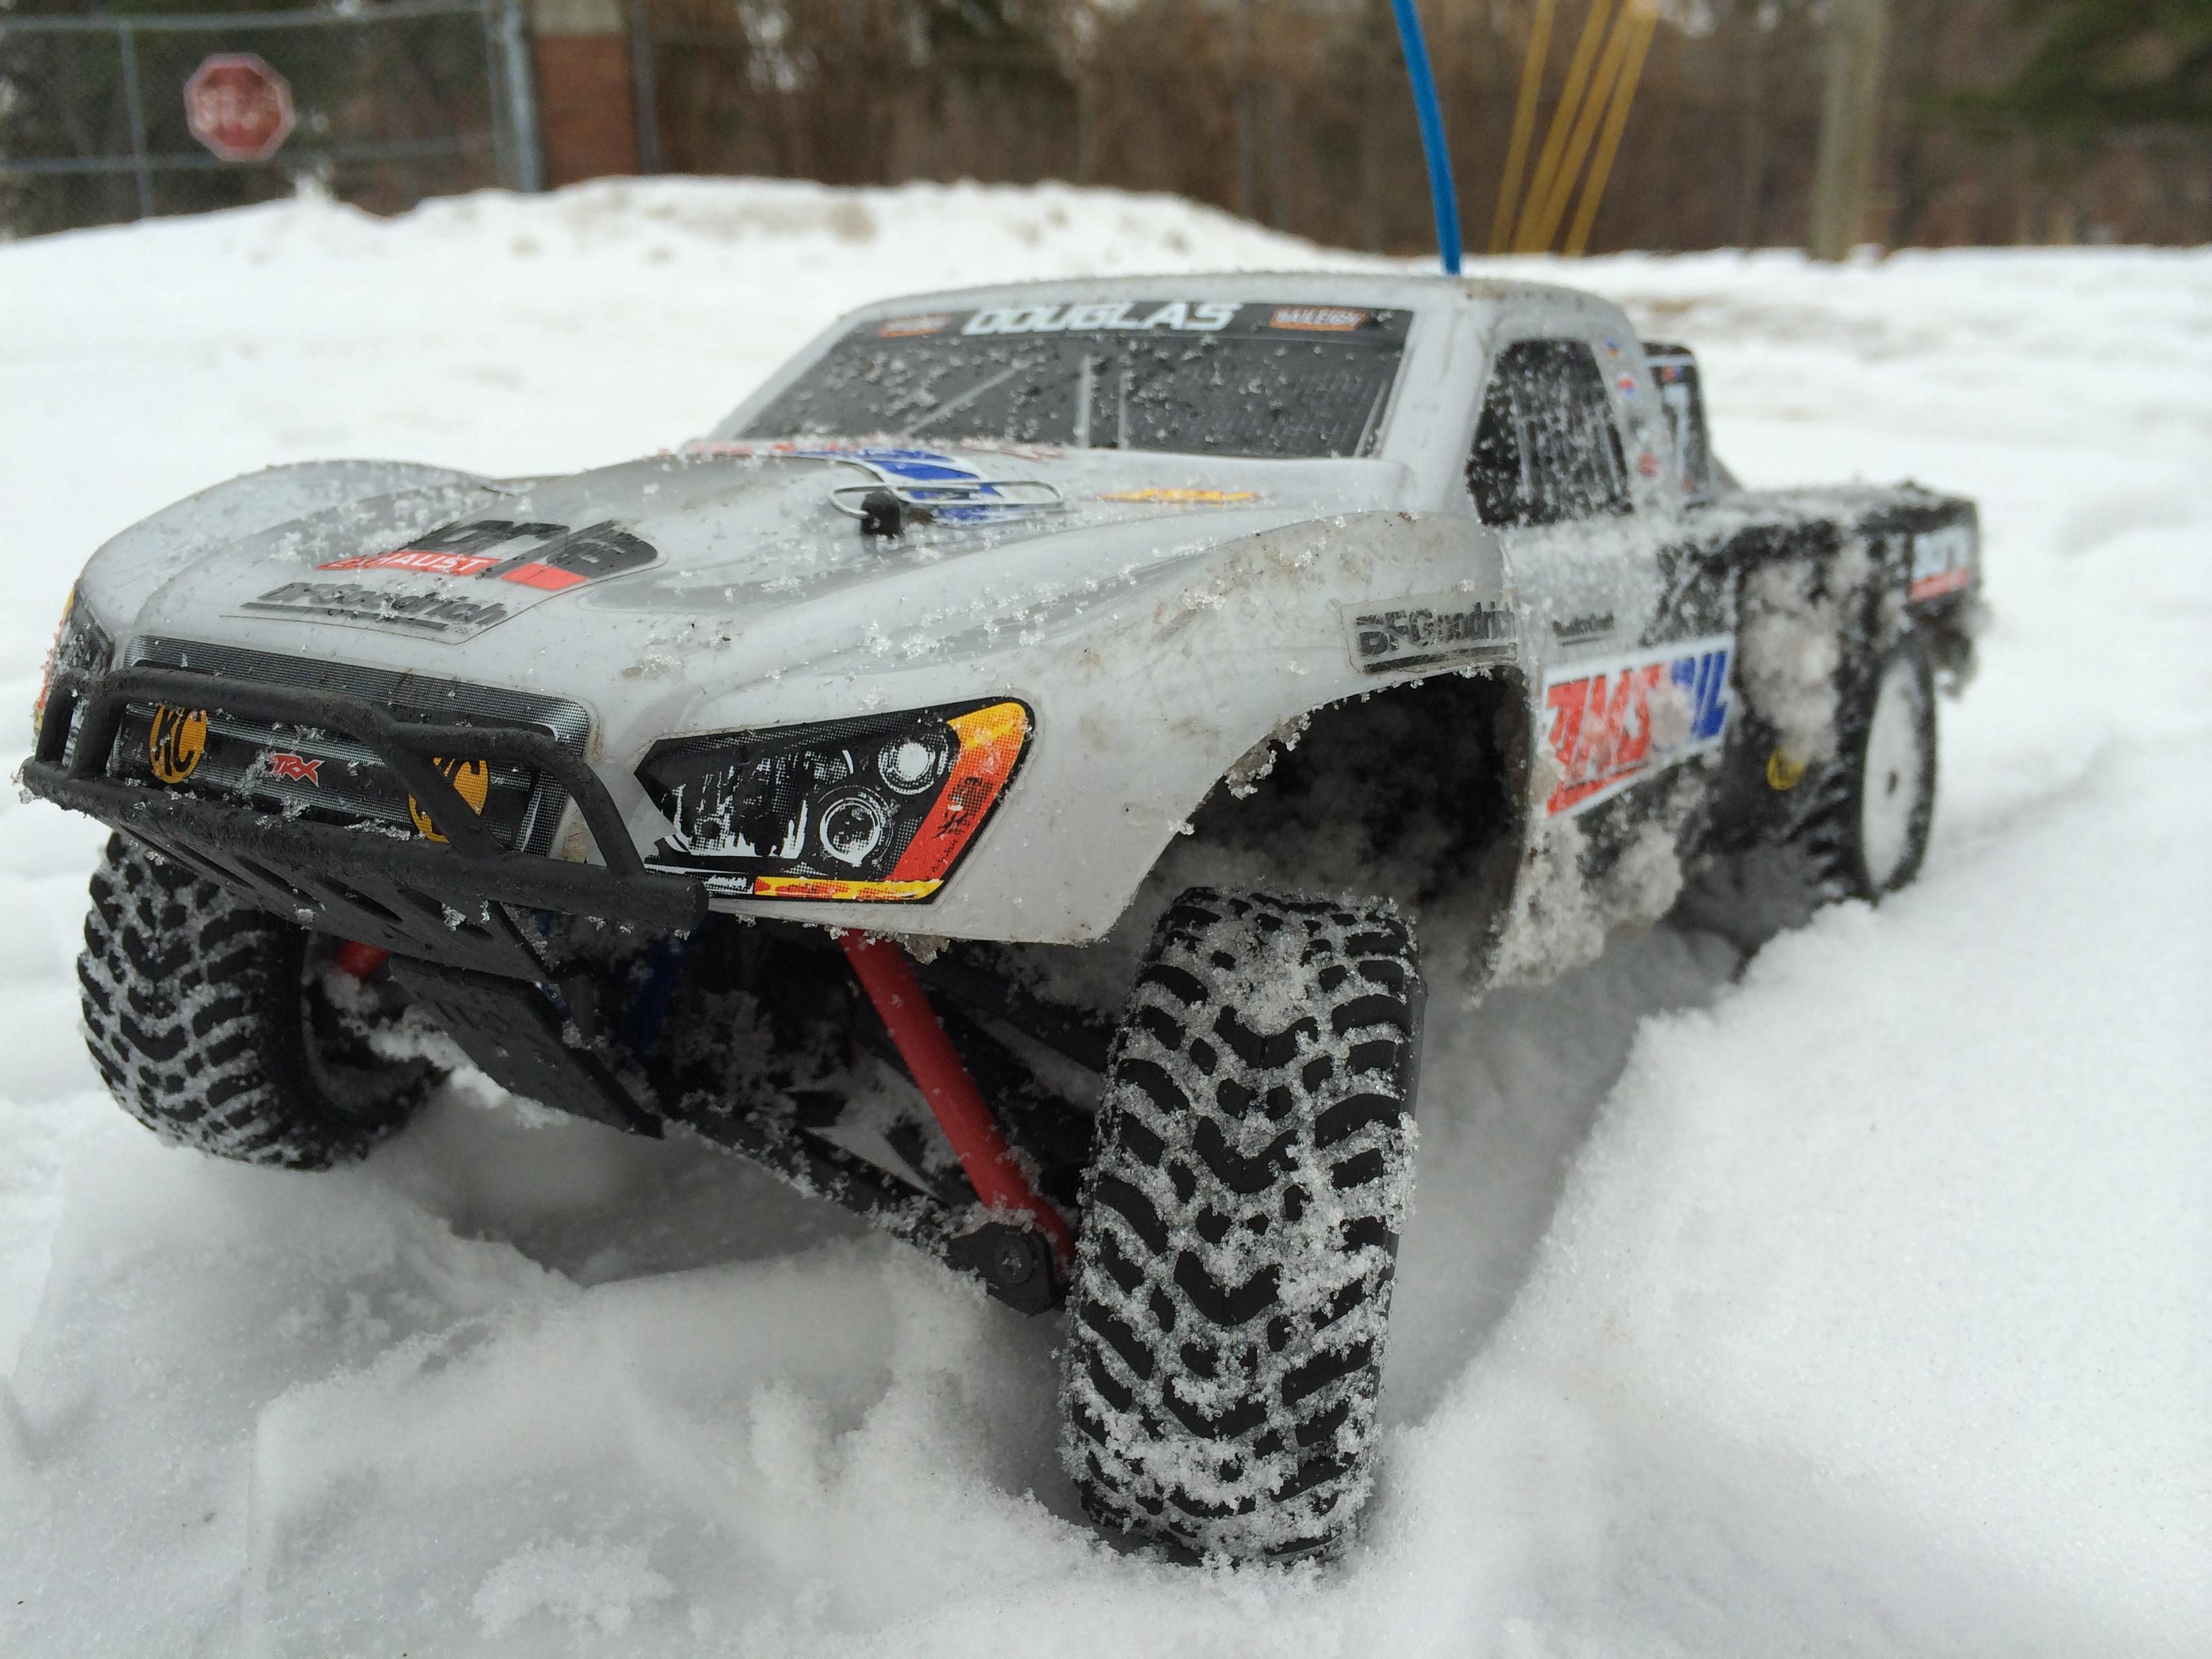 Traxxas Slash R C Car Snow Drifting by AirJordanSwag